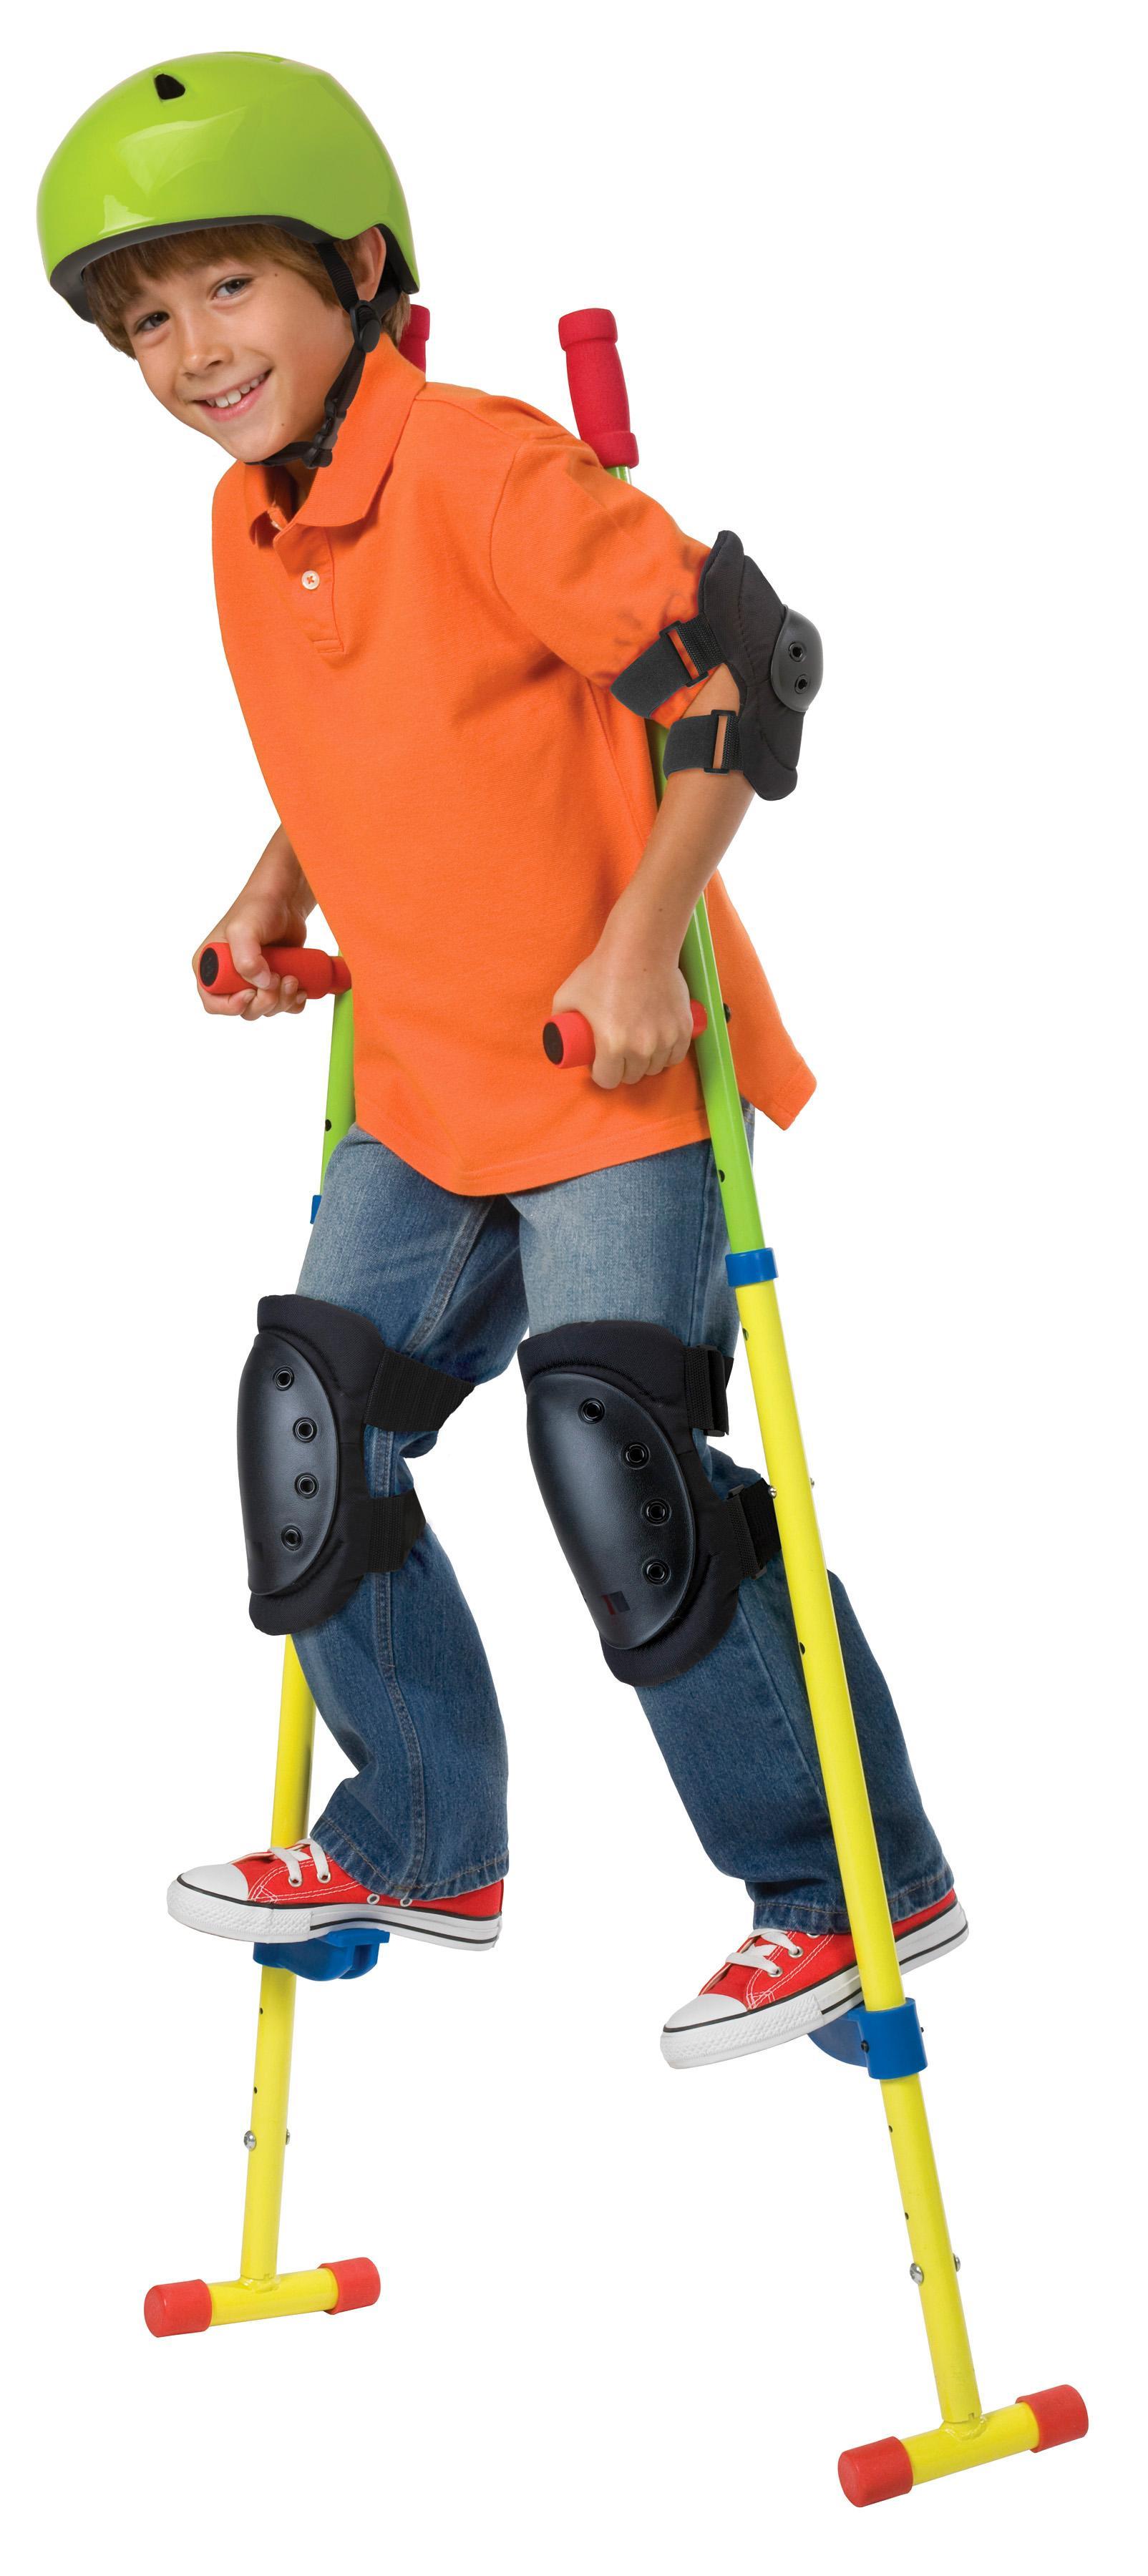 ALEX Toys Active Play Ready Set Stilts 771W Pogo Sticks